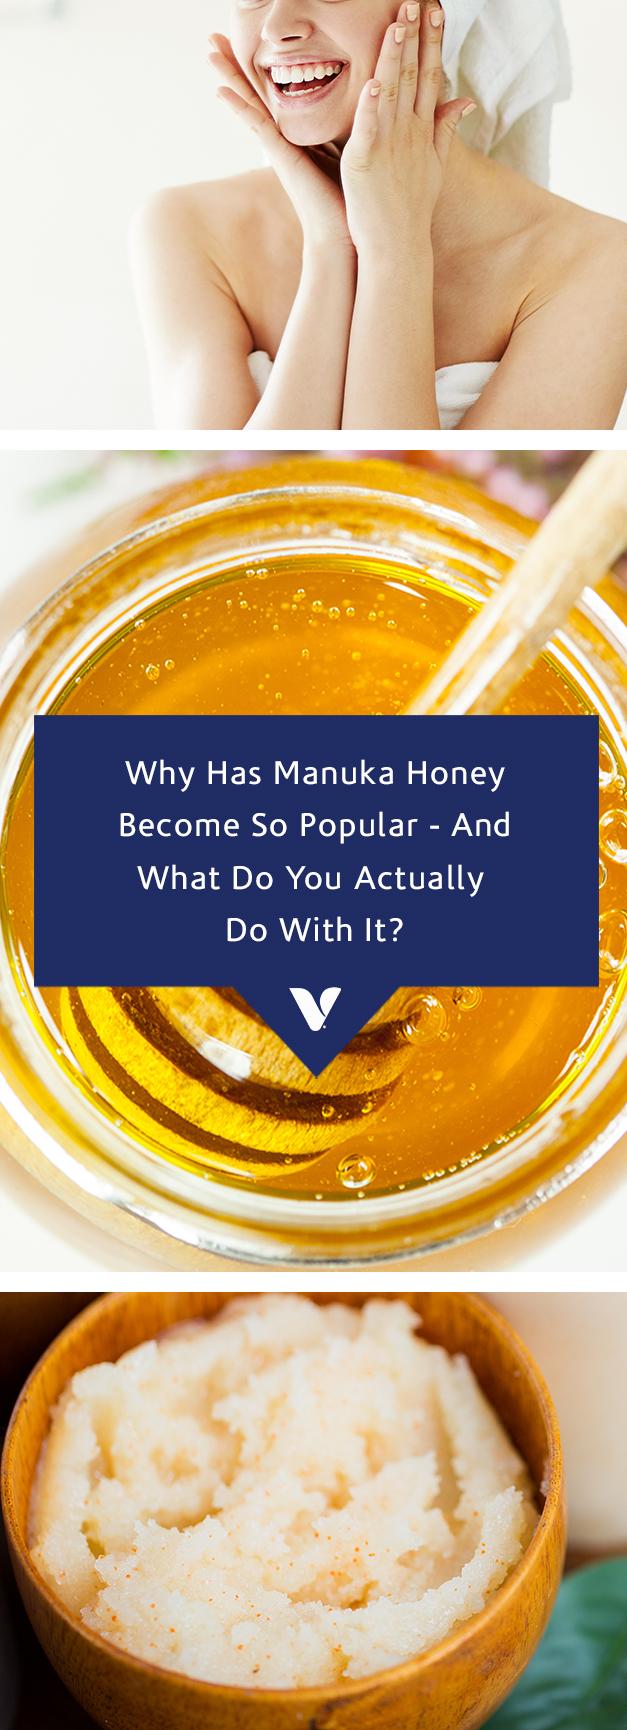 manuka-honey-uses